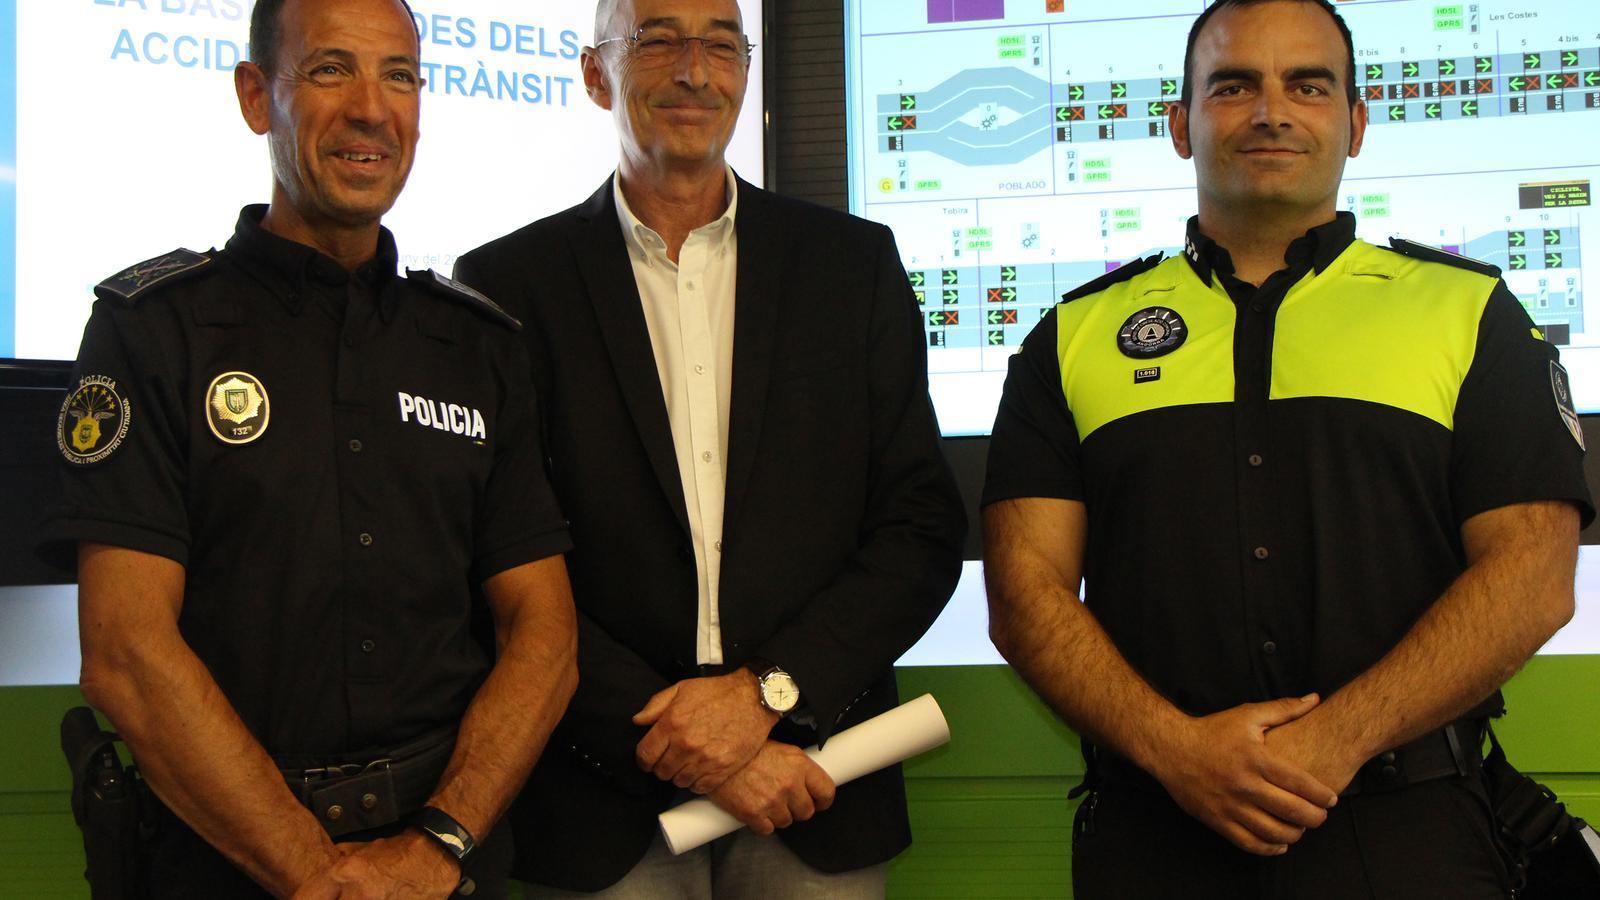 Un agent de circulació i de la policia en companyia del director del departament de Mobilitat, Jaume Bonell.